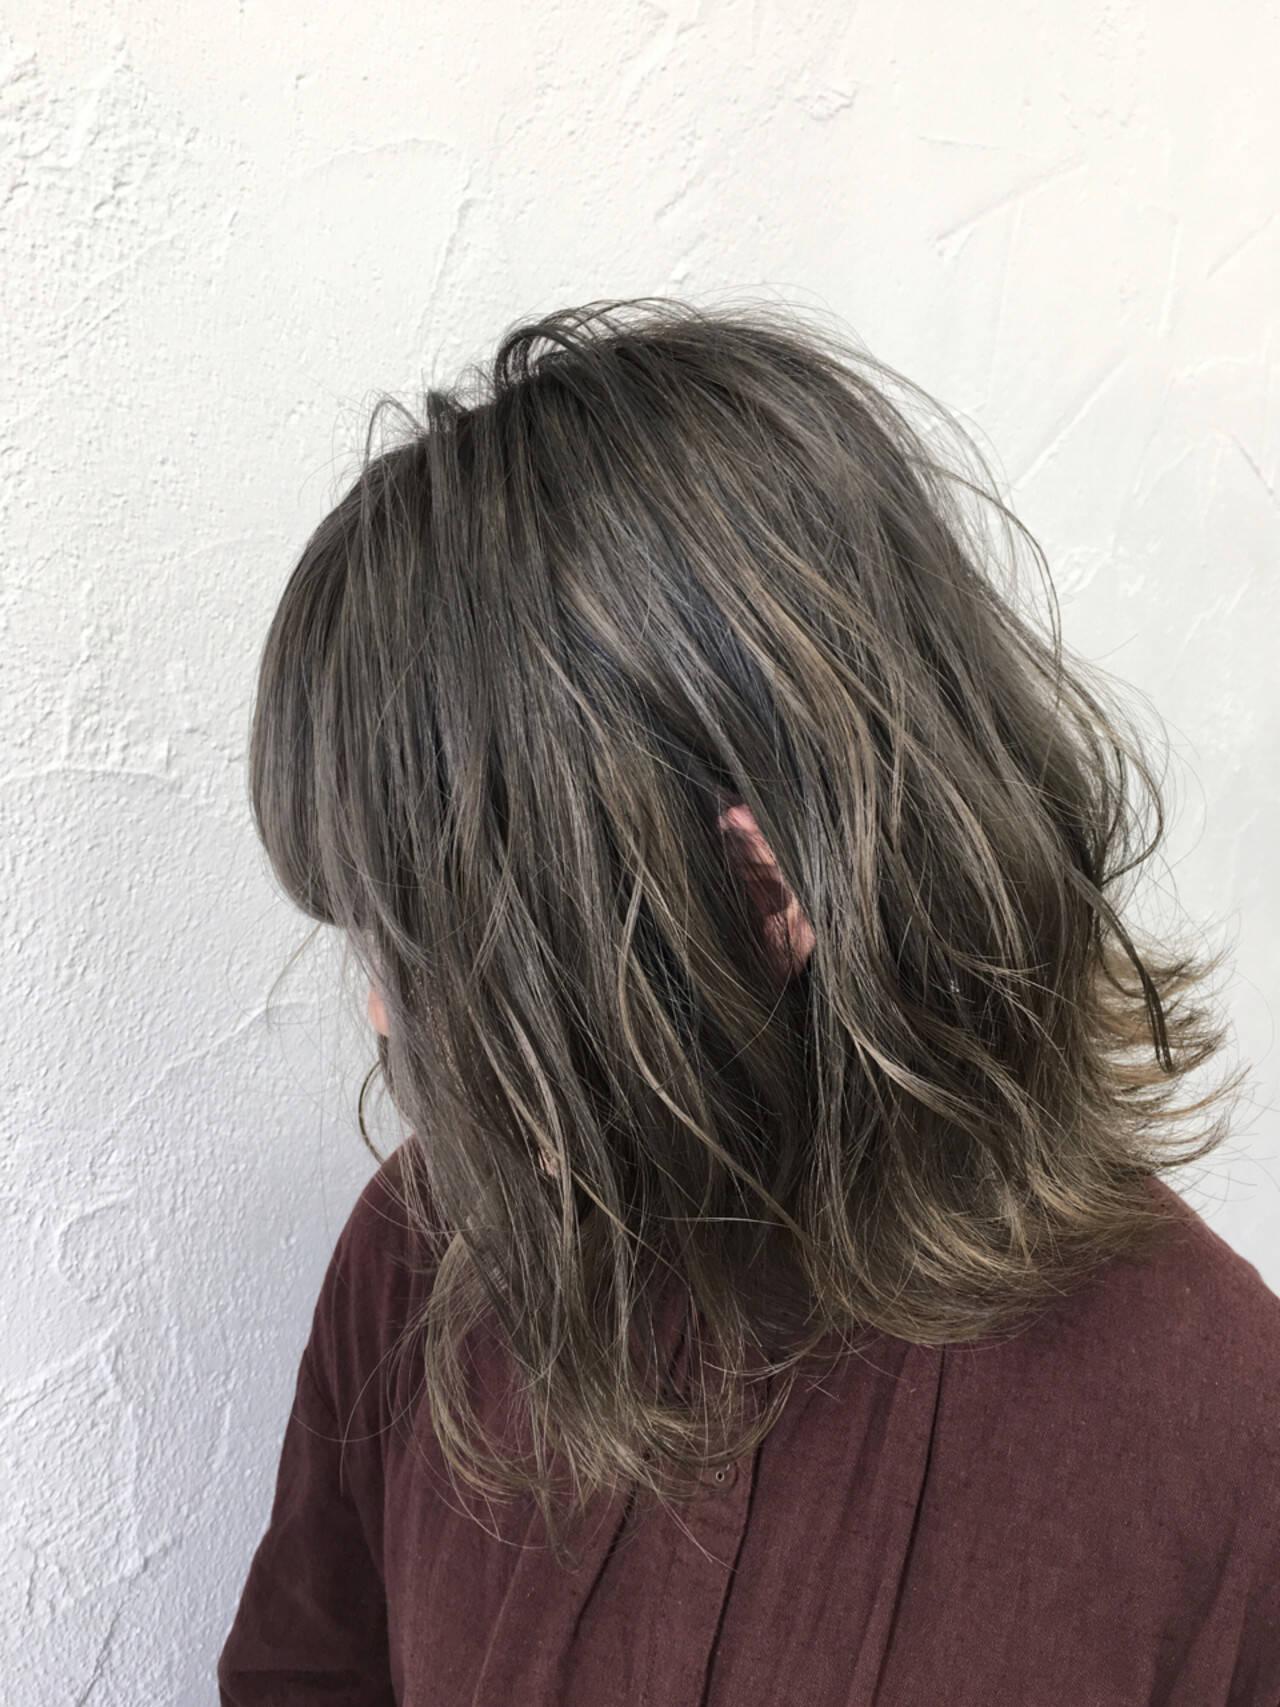 ボブ シルバー シルバーアッシュ アッシュヘアスタイルや髪型の写真・画像